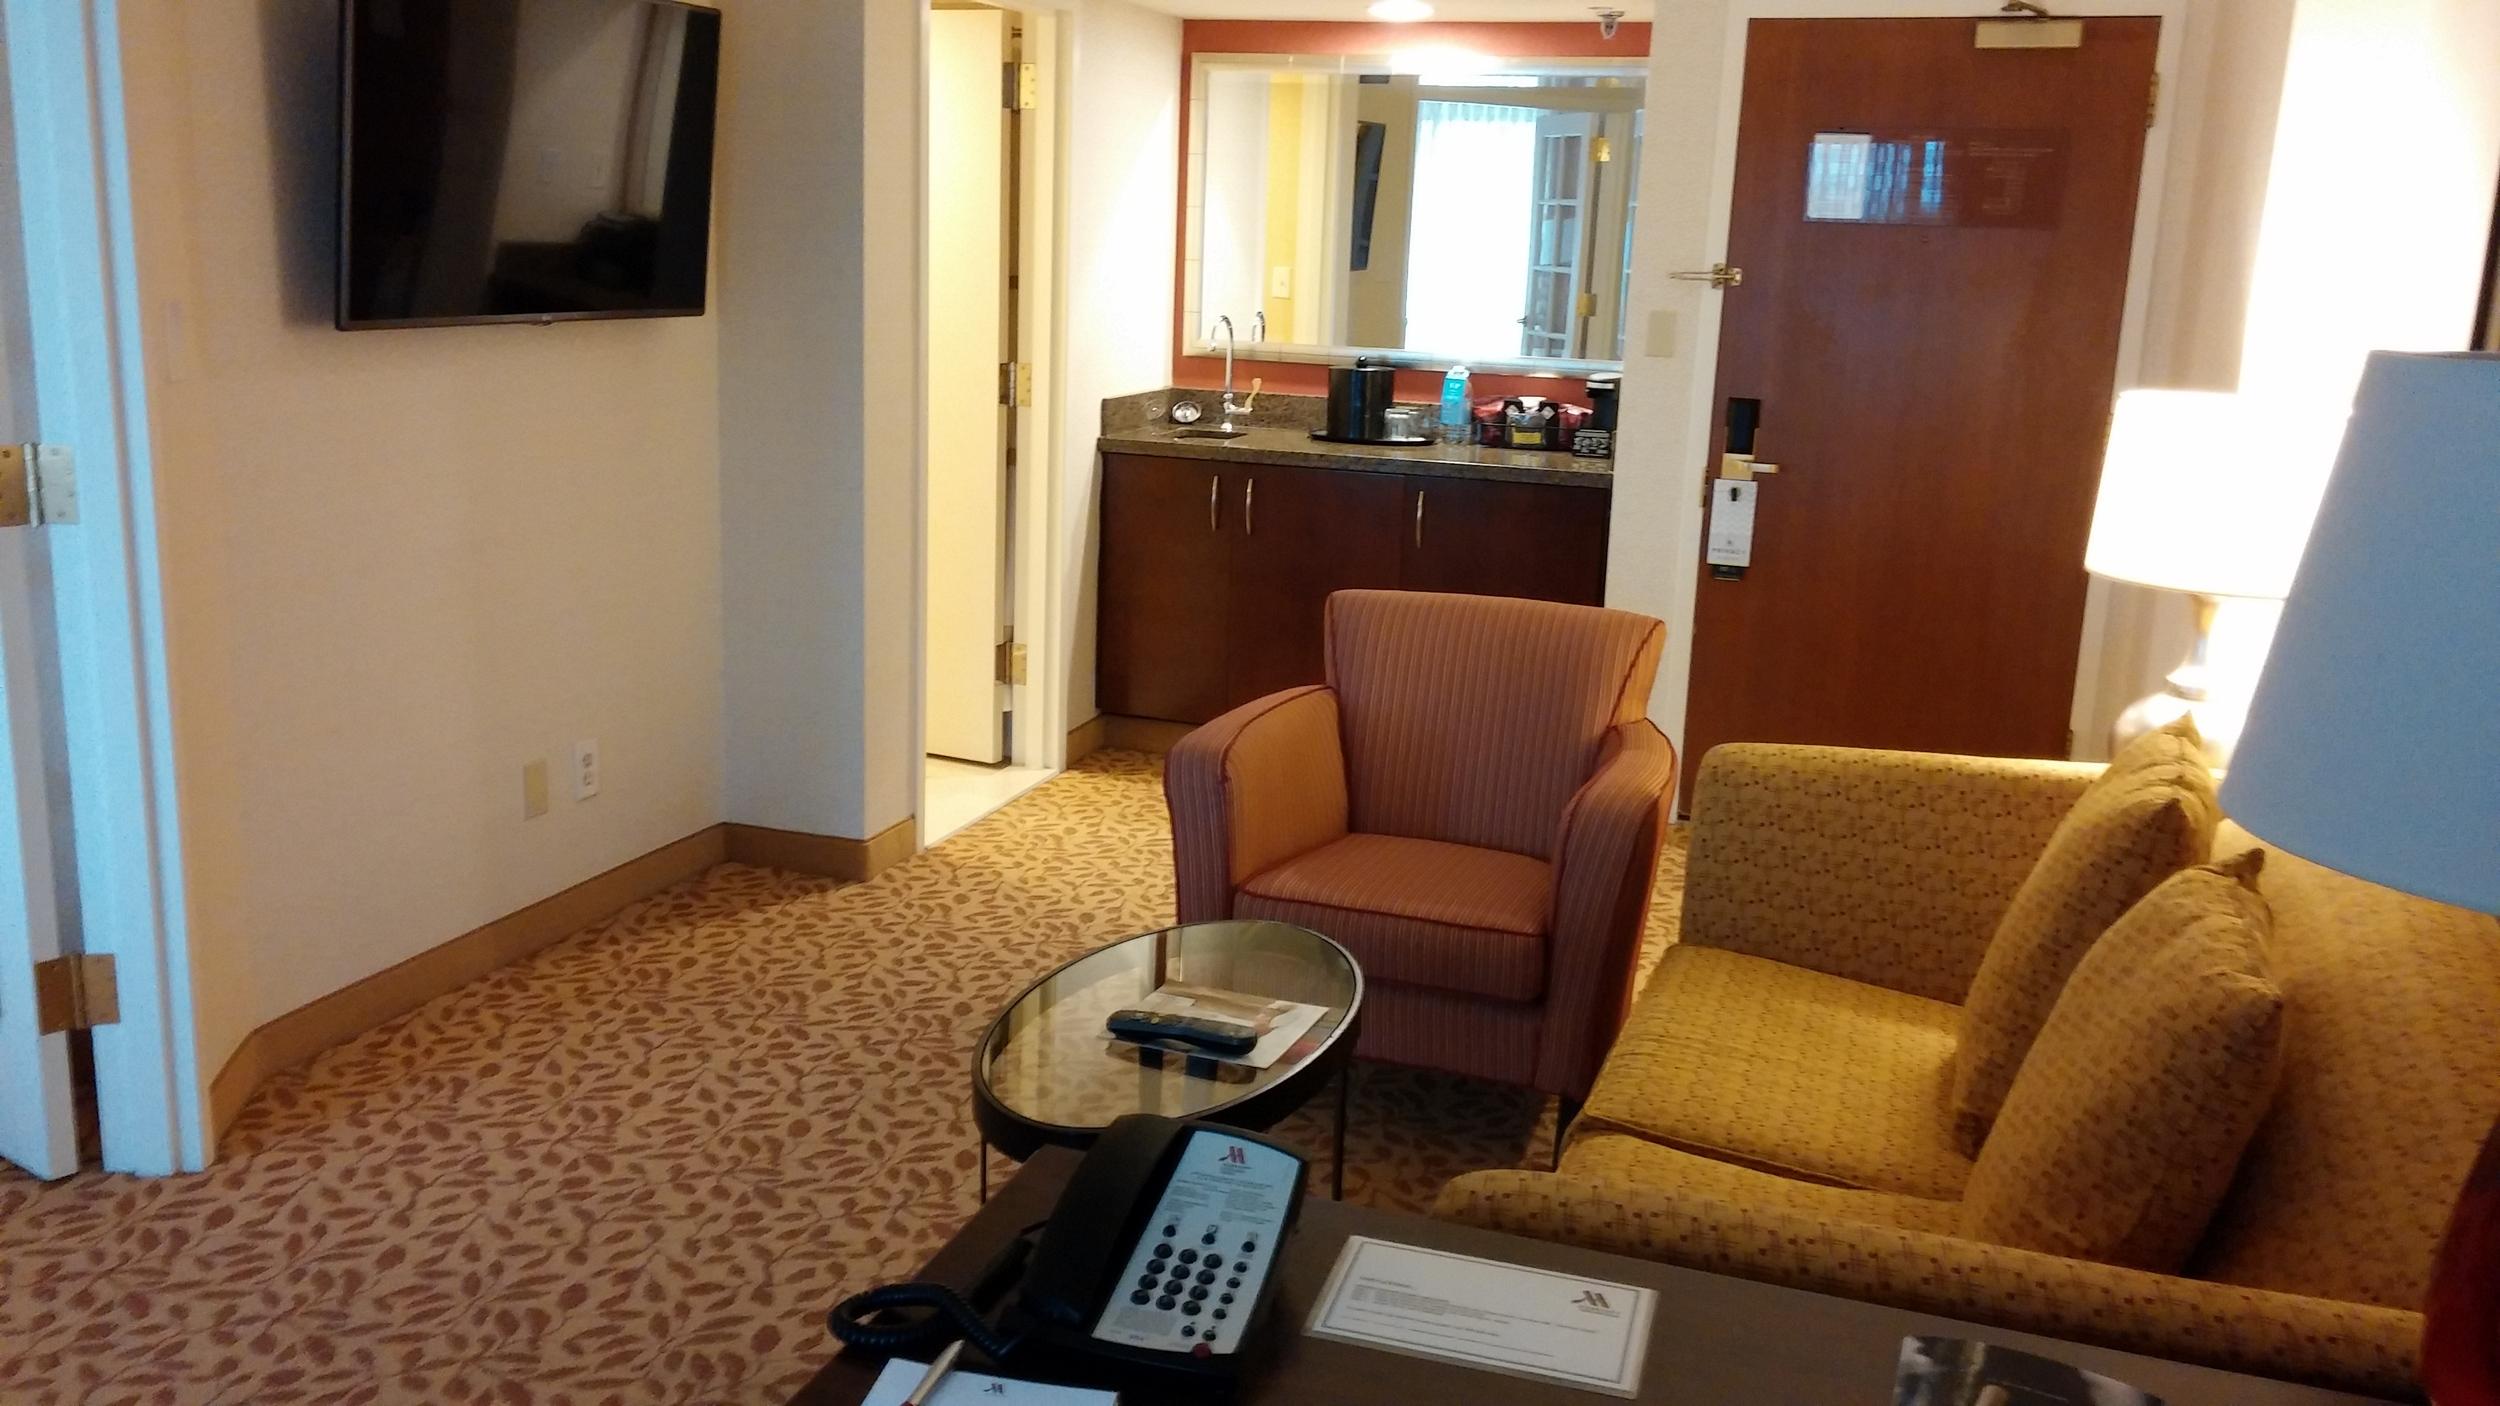 2016-03-10 Bethesda Marriott Suites  4.jpg